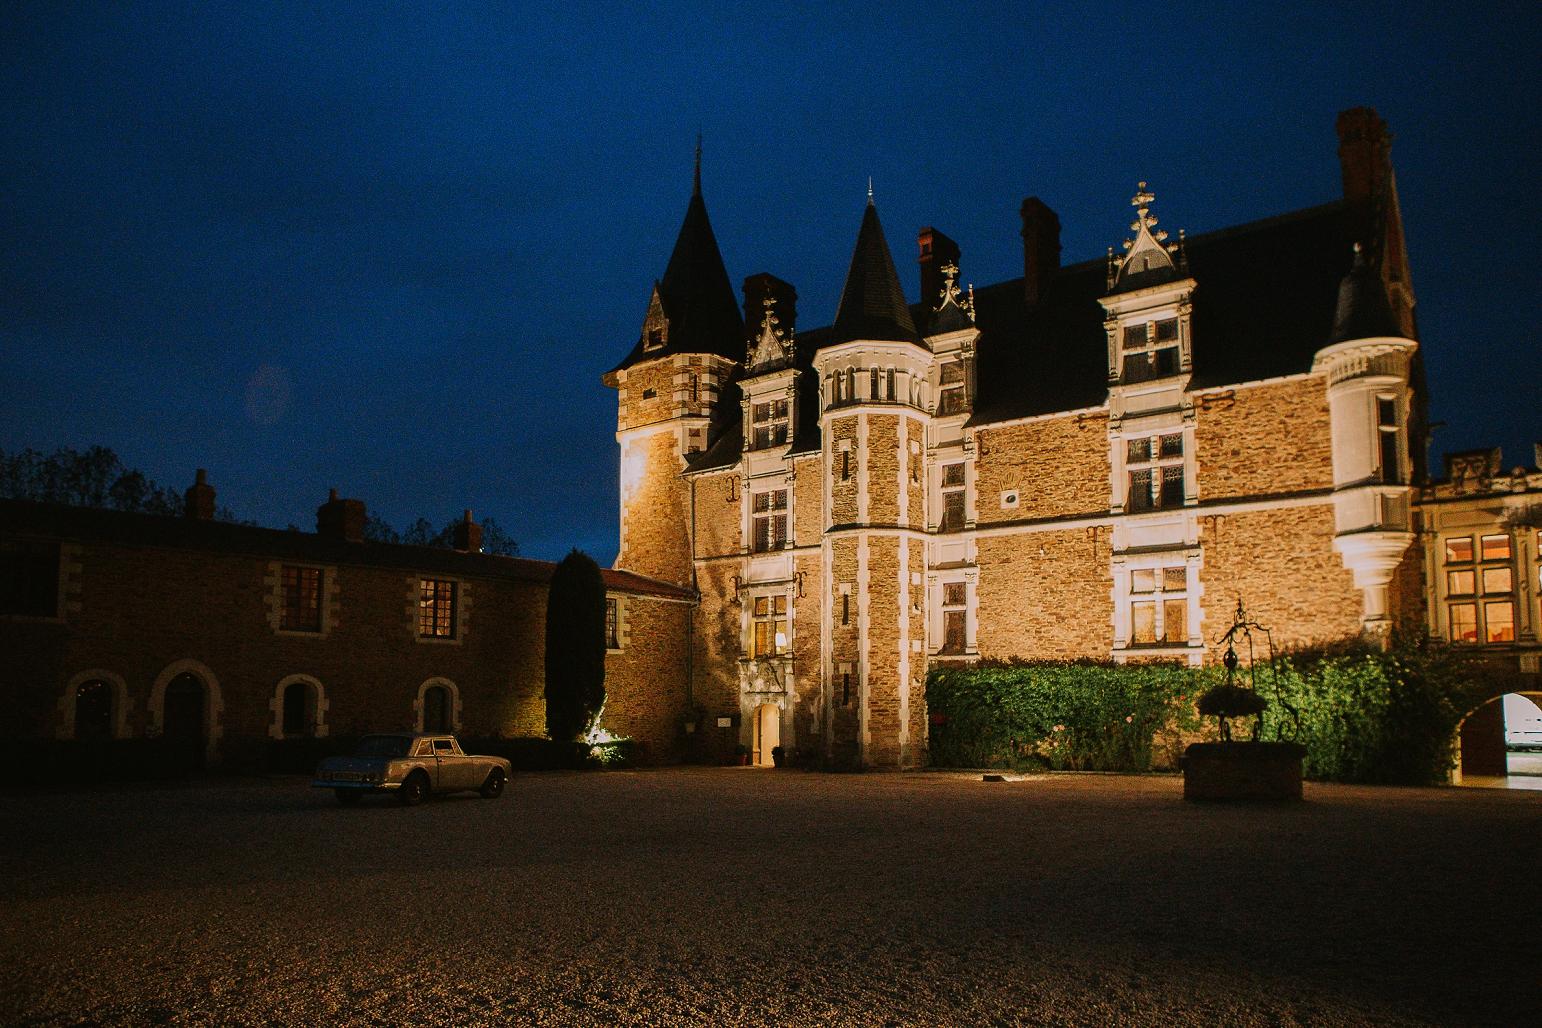 kateryna-photos-mariage-wedding-france-bretagne-pays-de-la-loire-chateau-de-la-colaissiere-st-sauveur-de-landemont_0085.jpg